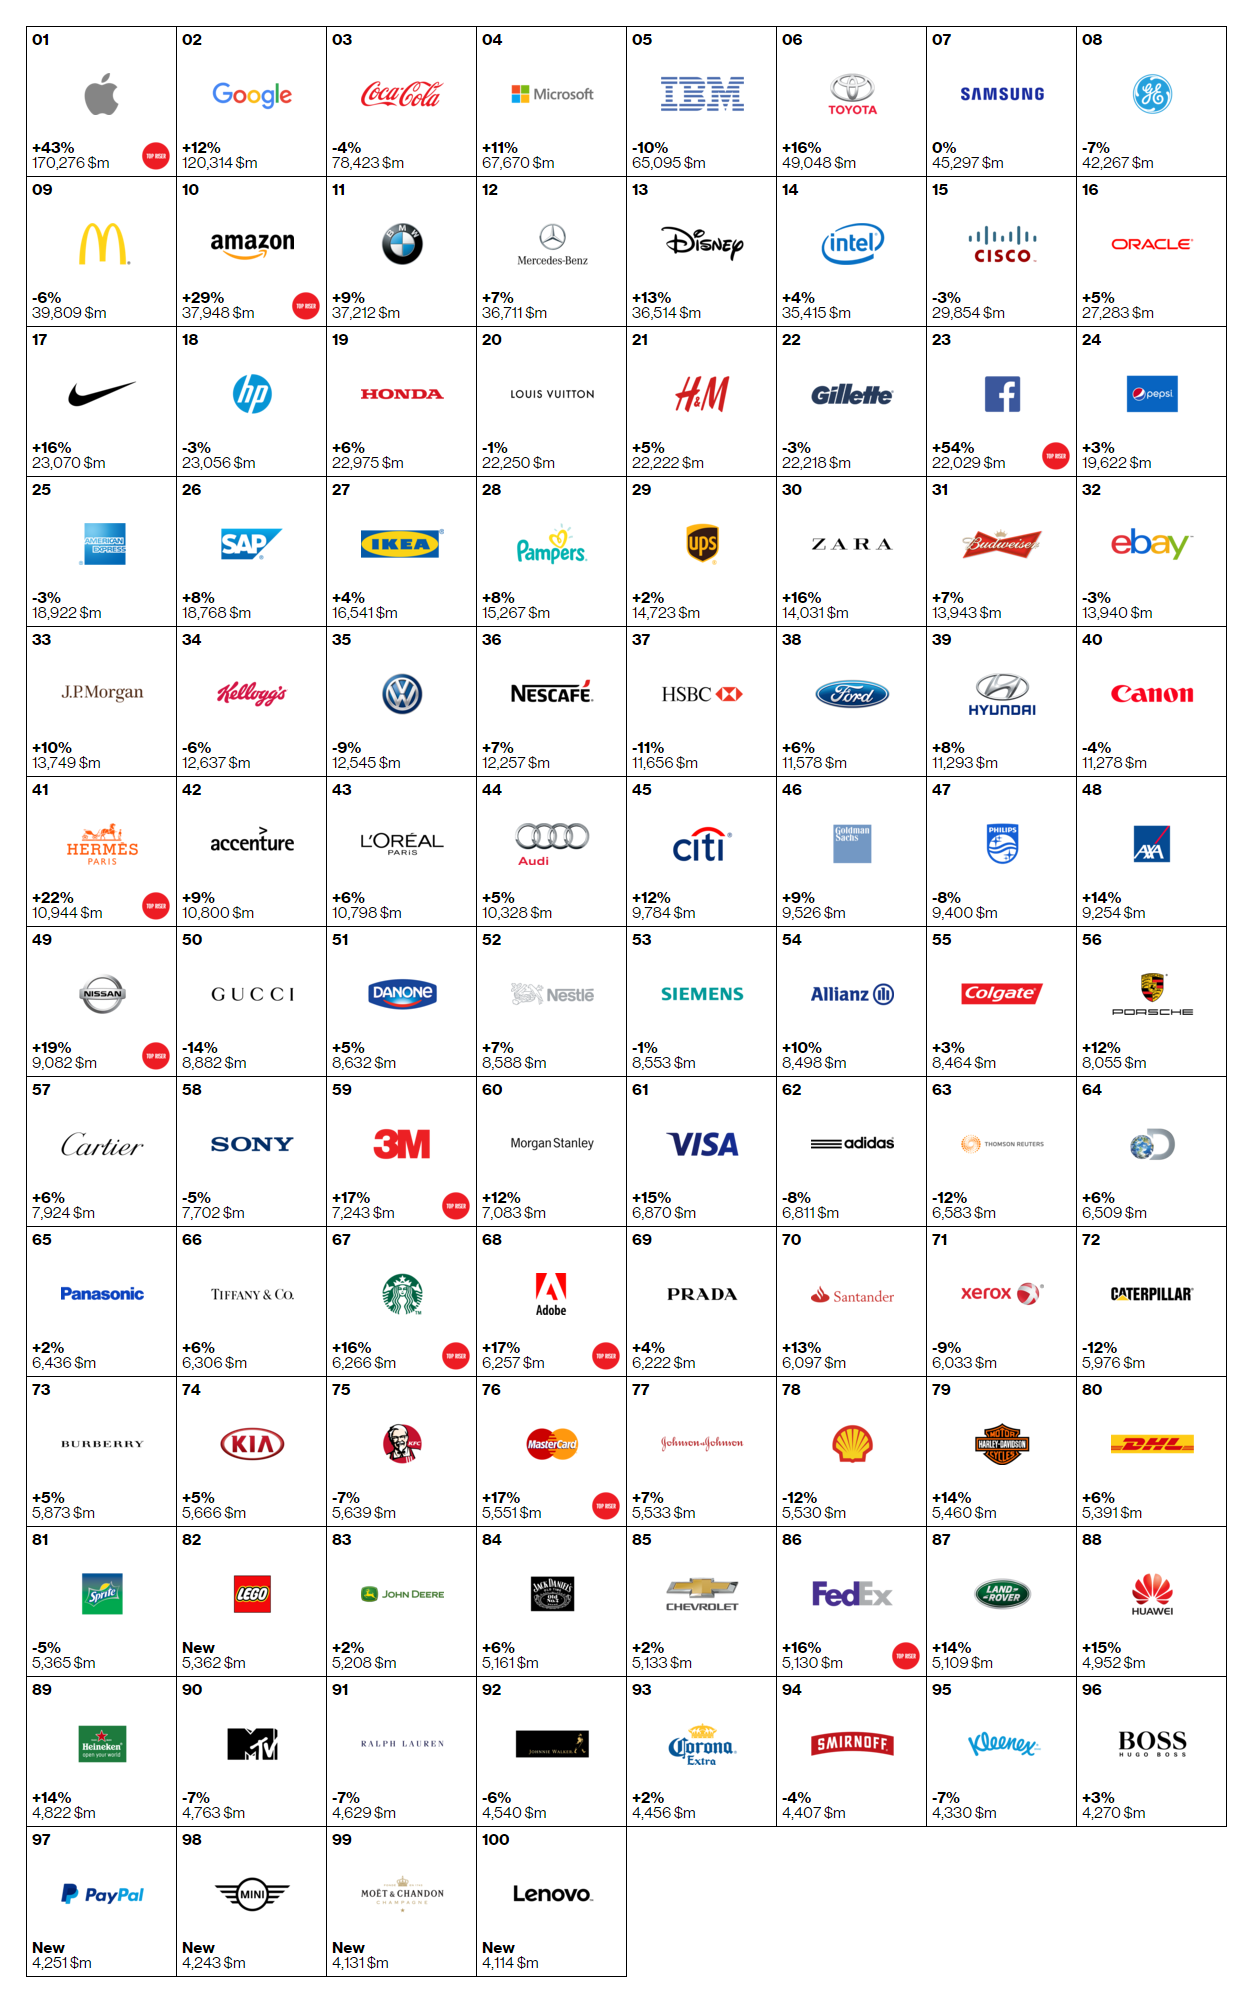 Dünyanın en değerli 100 markası - Kaynak: Interbrand